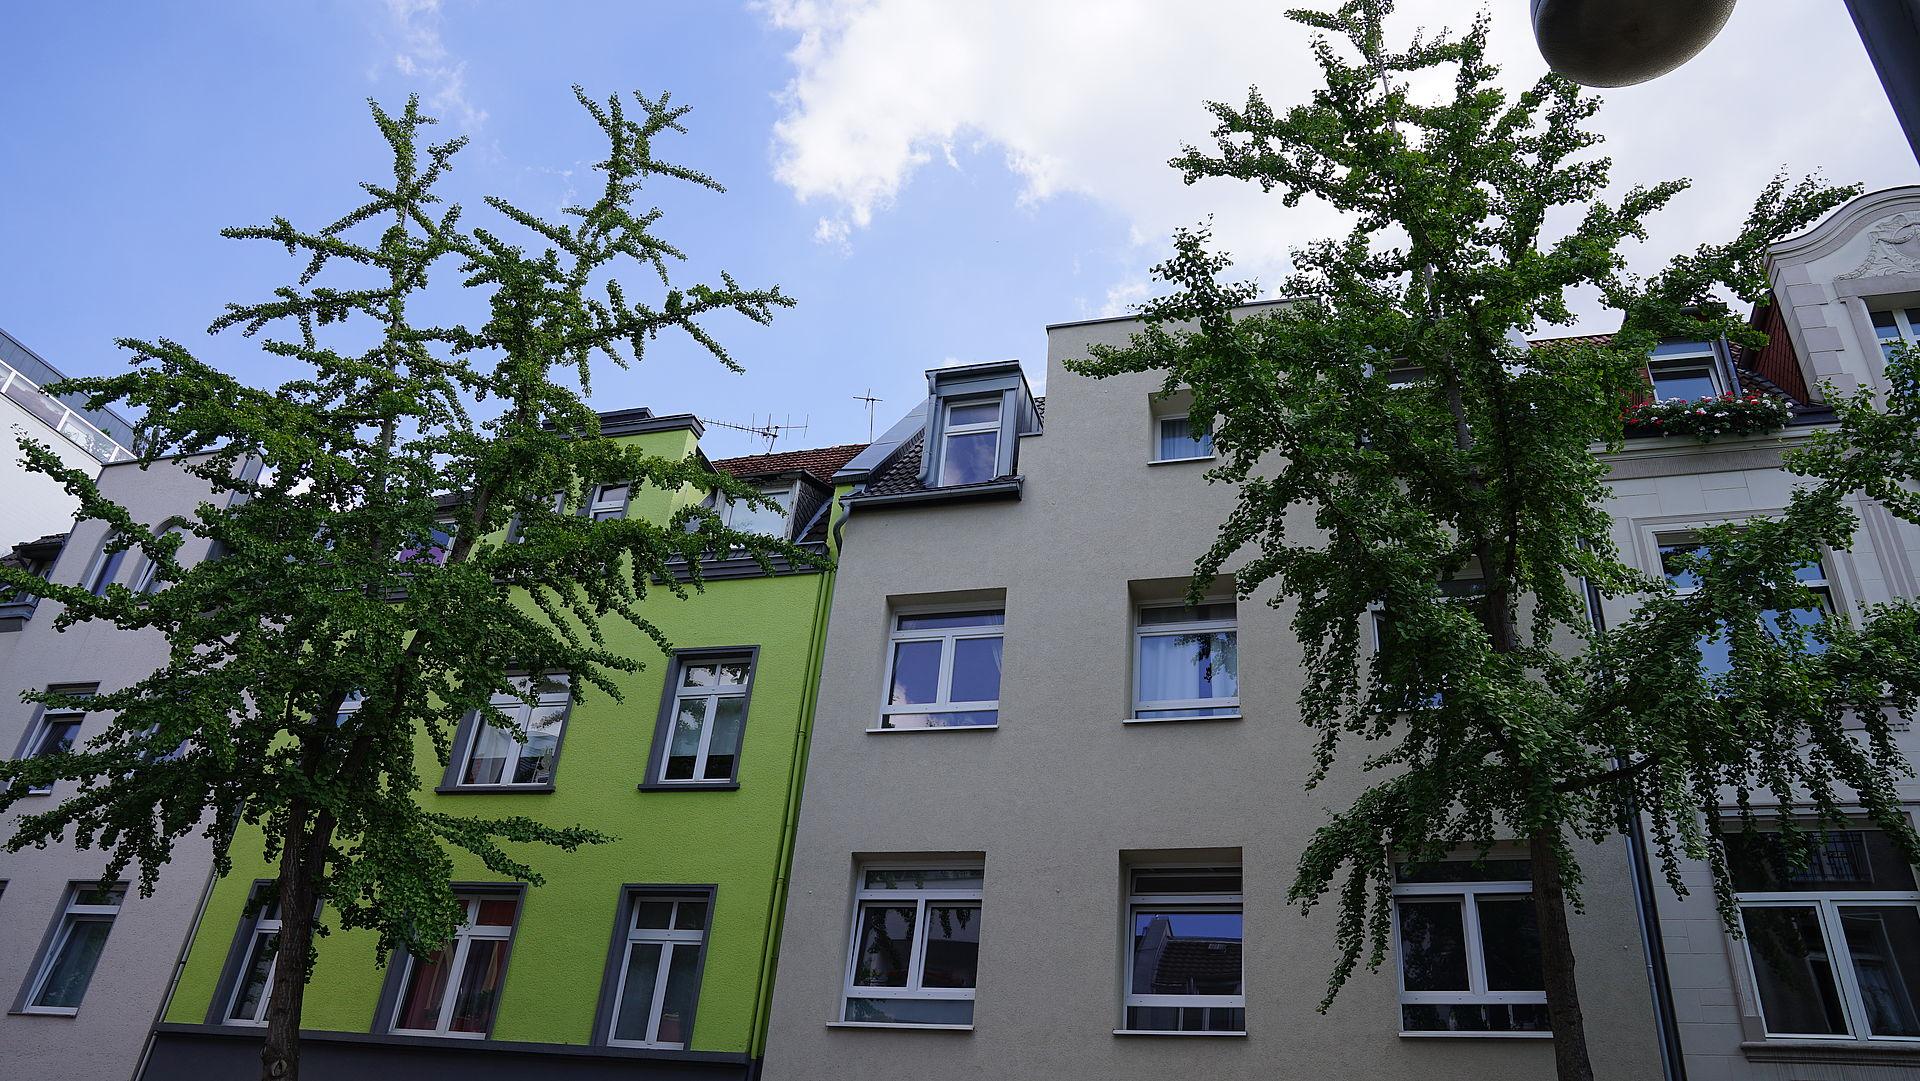 Köln Wohnheim